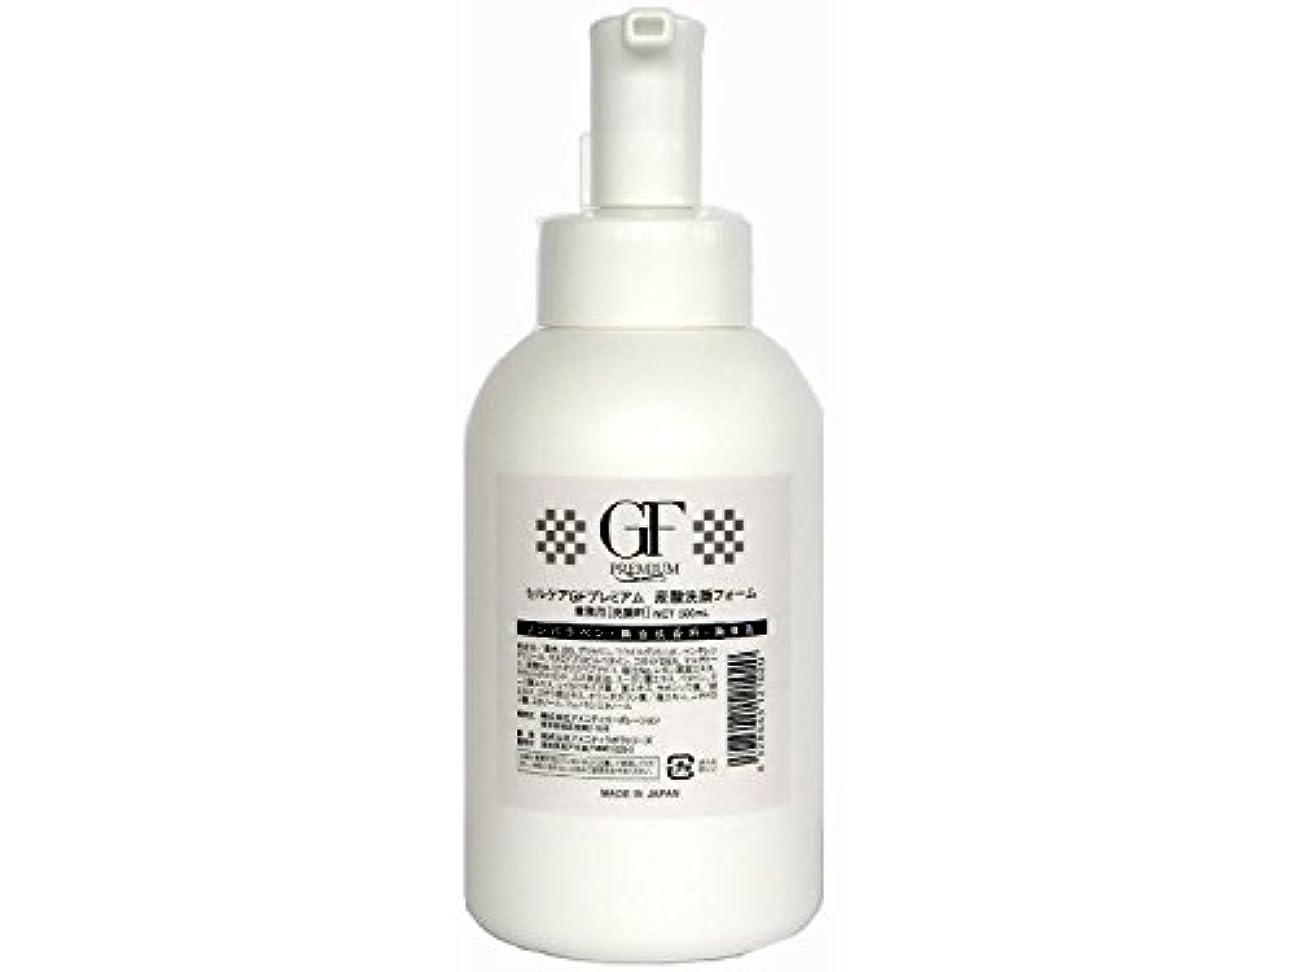 【業務用】セルケア GFプレミアム EG炭酸洗顔フォーム 500ml